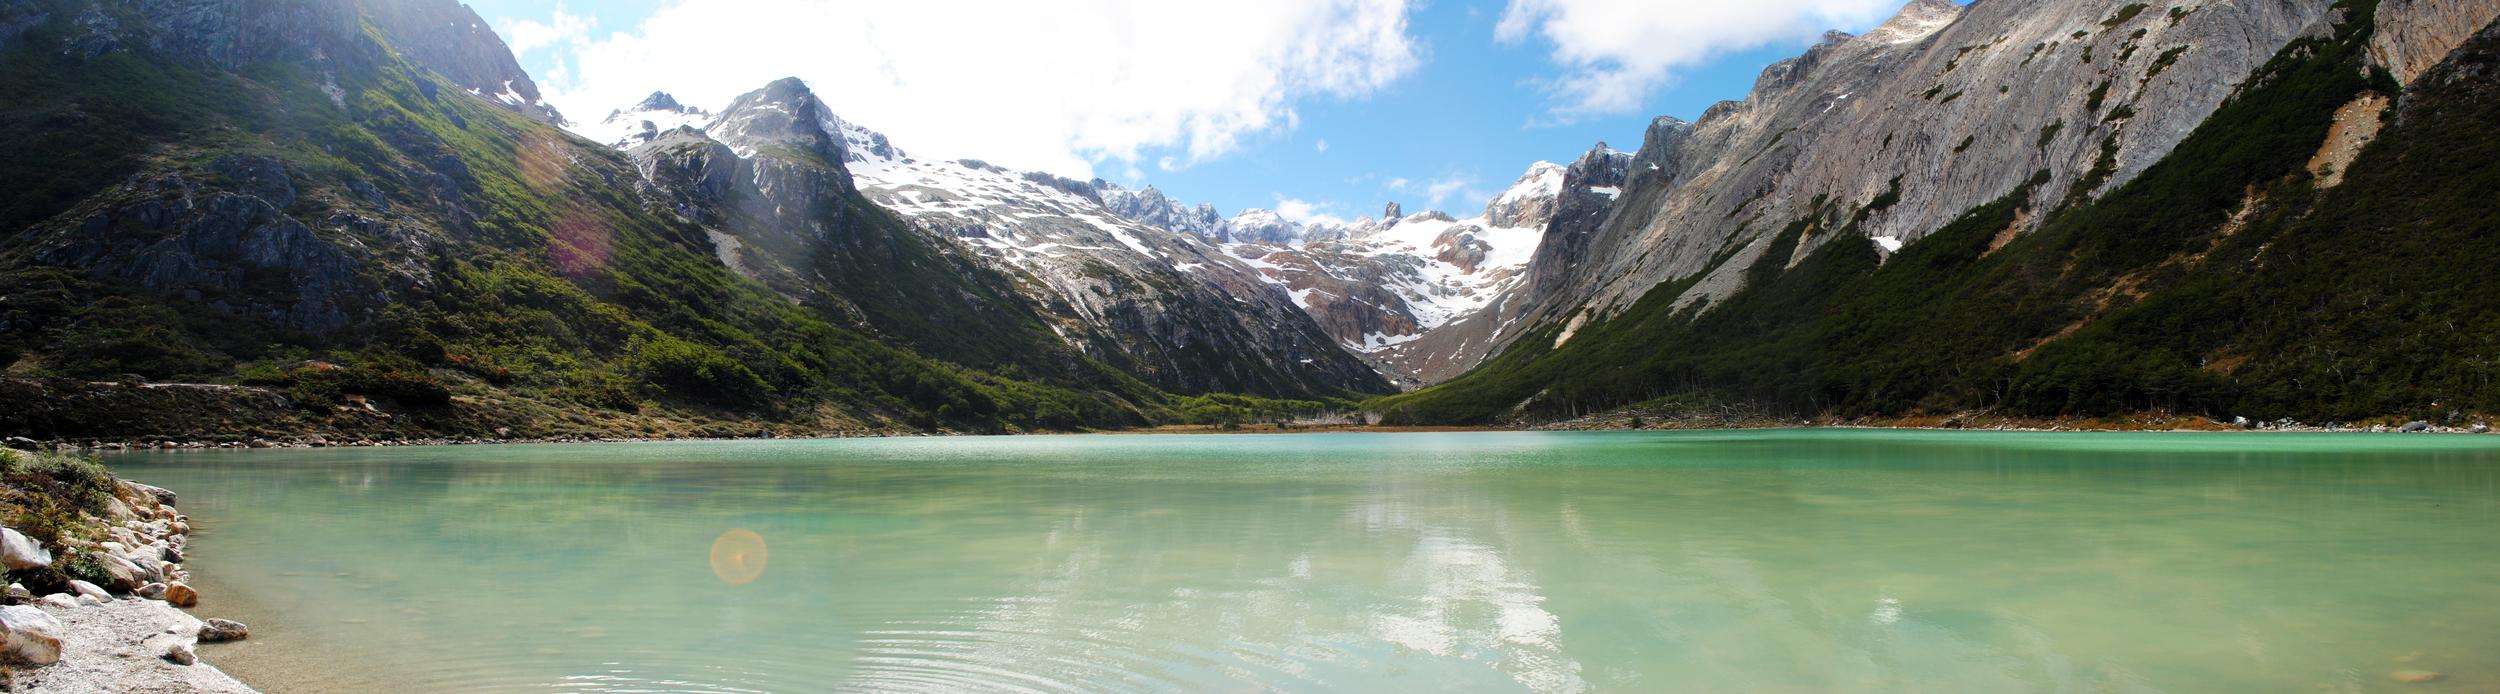 Laguna Esmeralda, Tierra Del Fuego, Ushuaia, Argentina - Maggie a la Mode